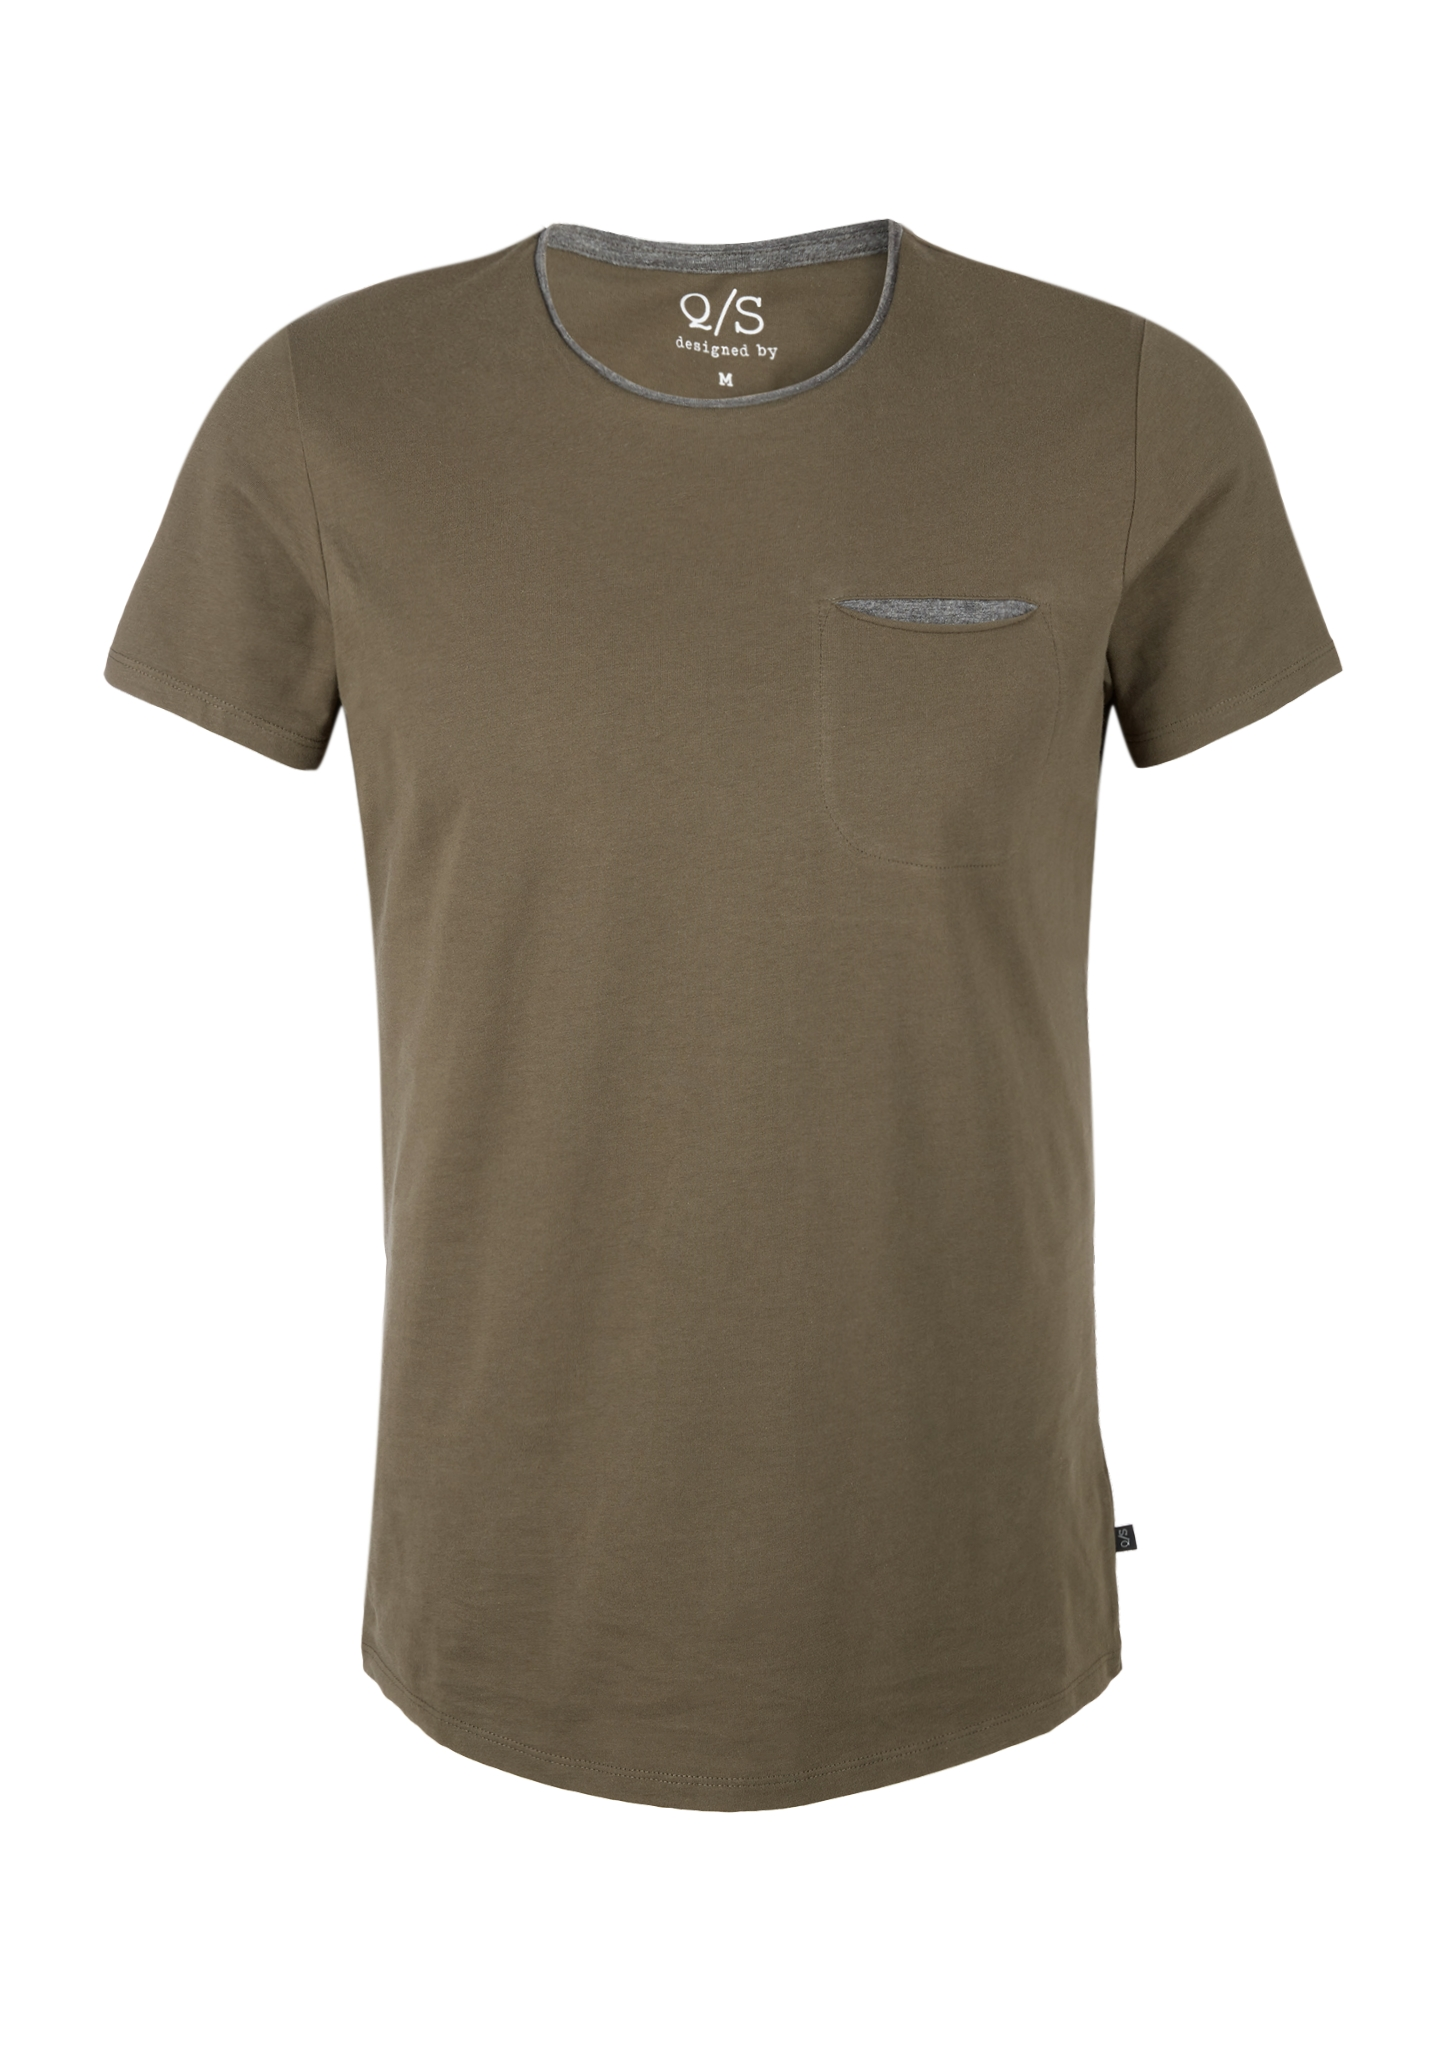 T-Shirt | Bekleidung > Shirts > Sonstige Shirts | Braun | 100% baumwolle | Q/S designed by